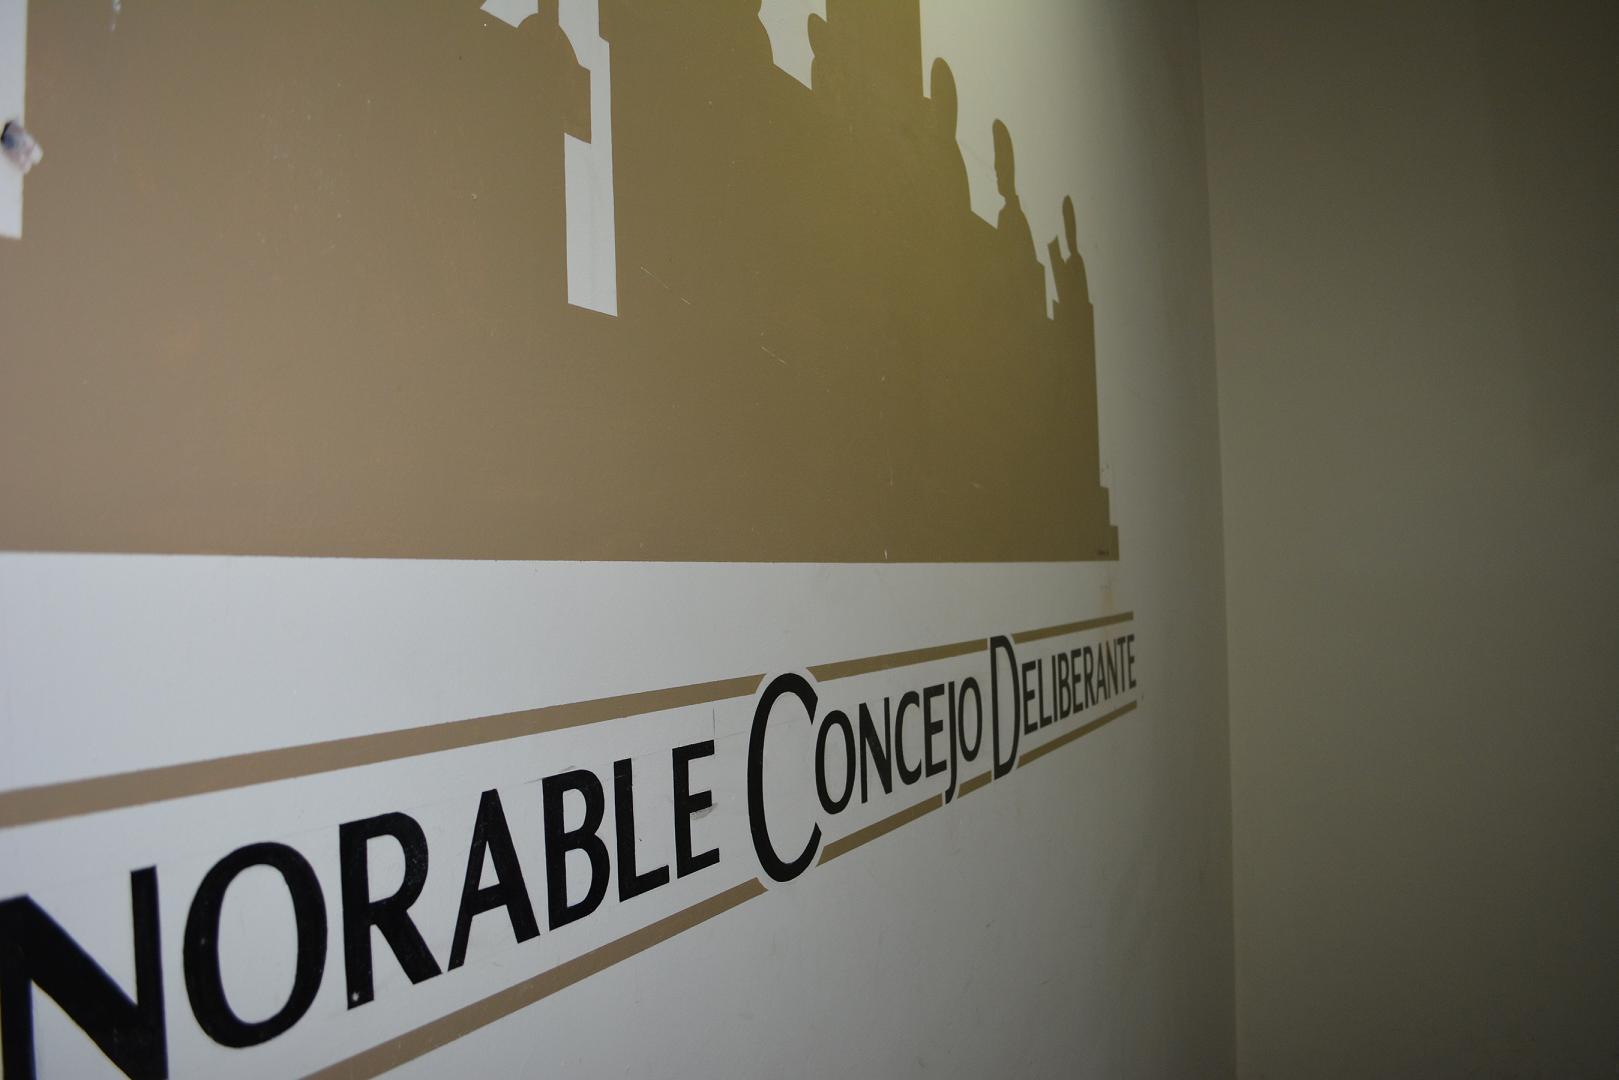 Hoy sesiona el Honorable Concejo Deliberante (Orden del día)